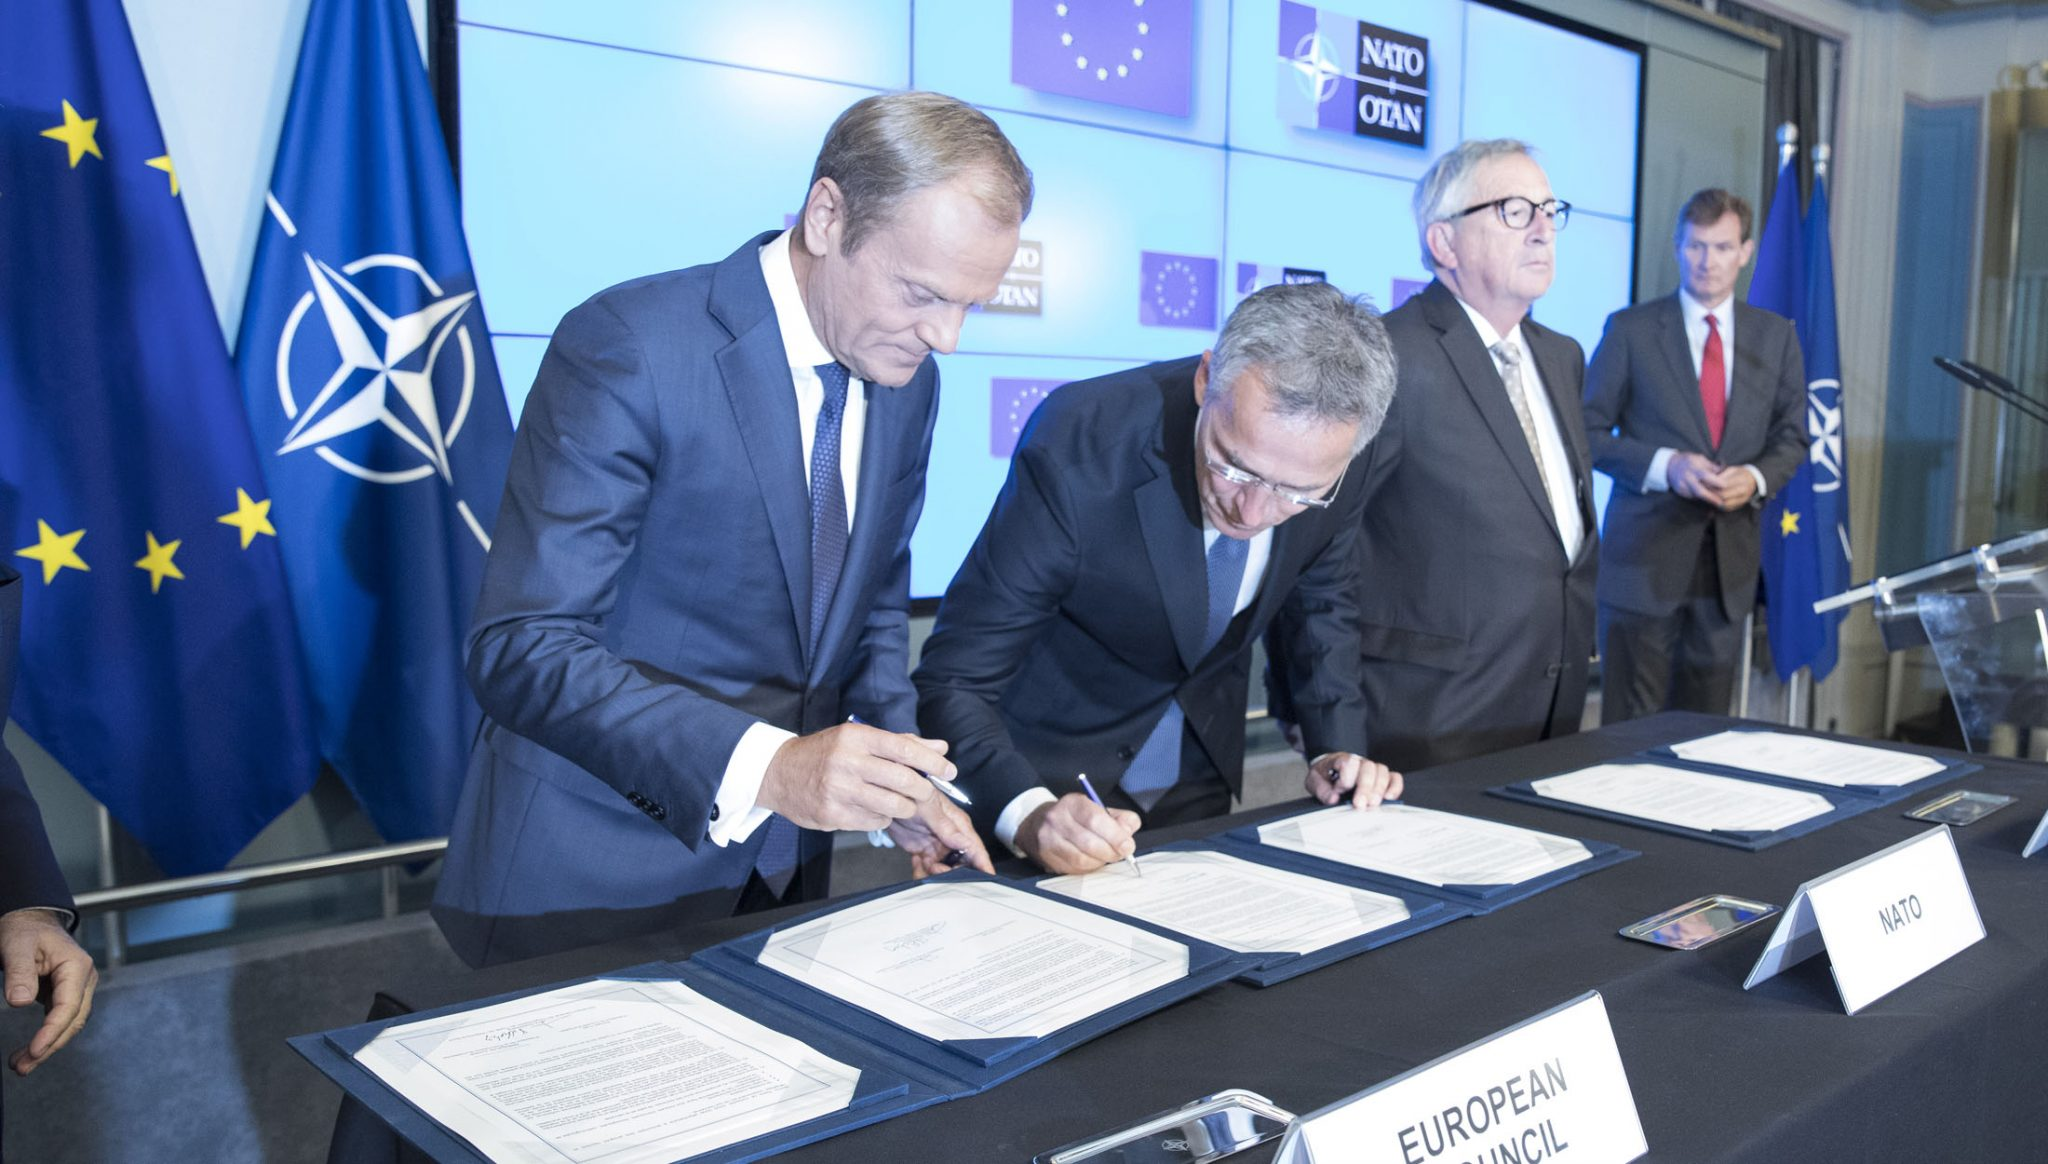 Liderii NATO și UE au semnat o declarație comună